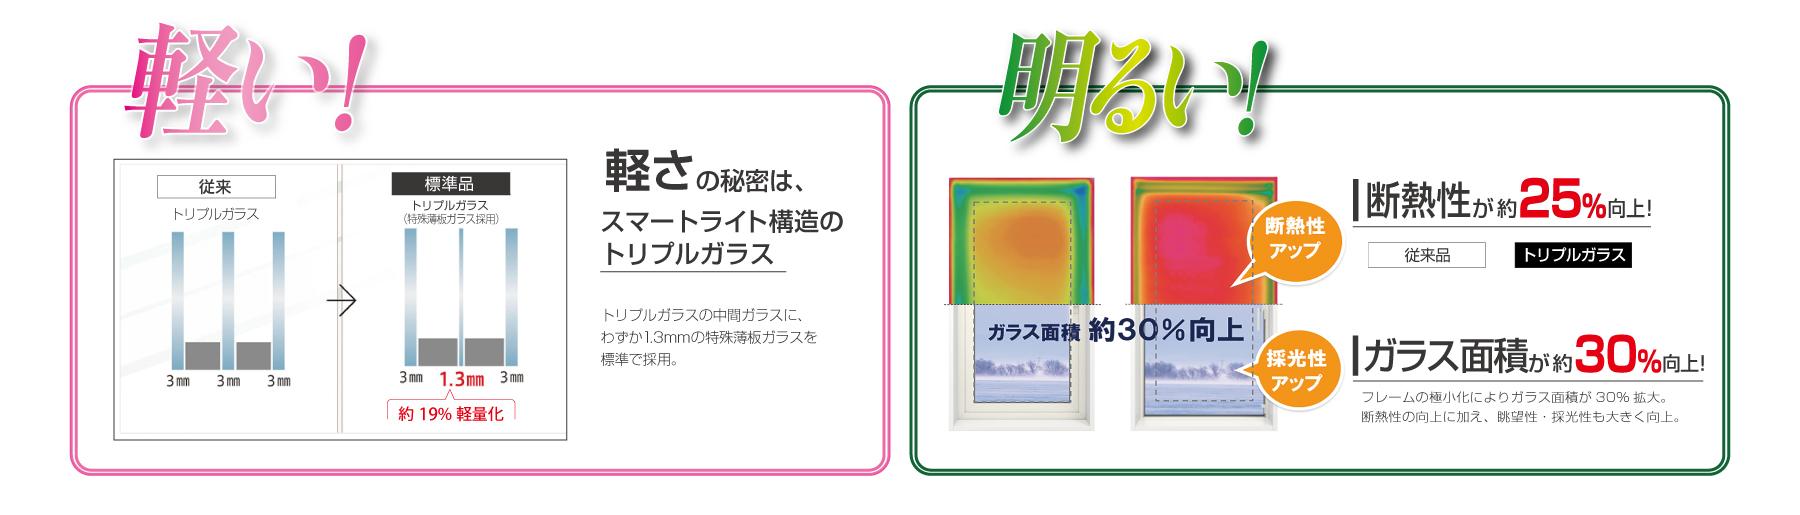 トリプルガラスプレゼント:新技術